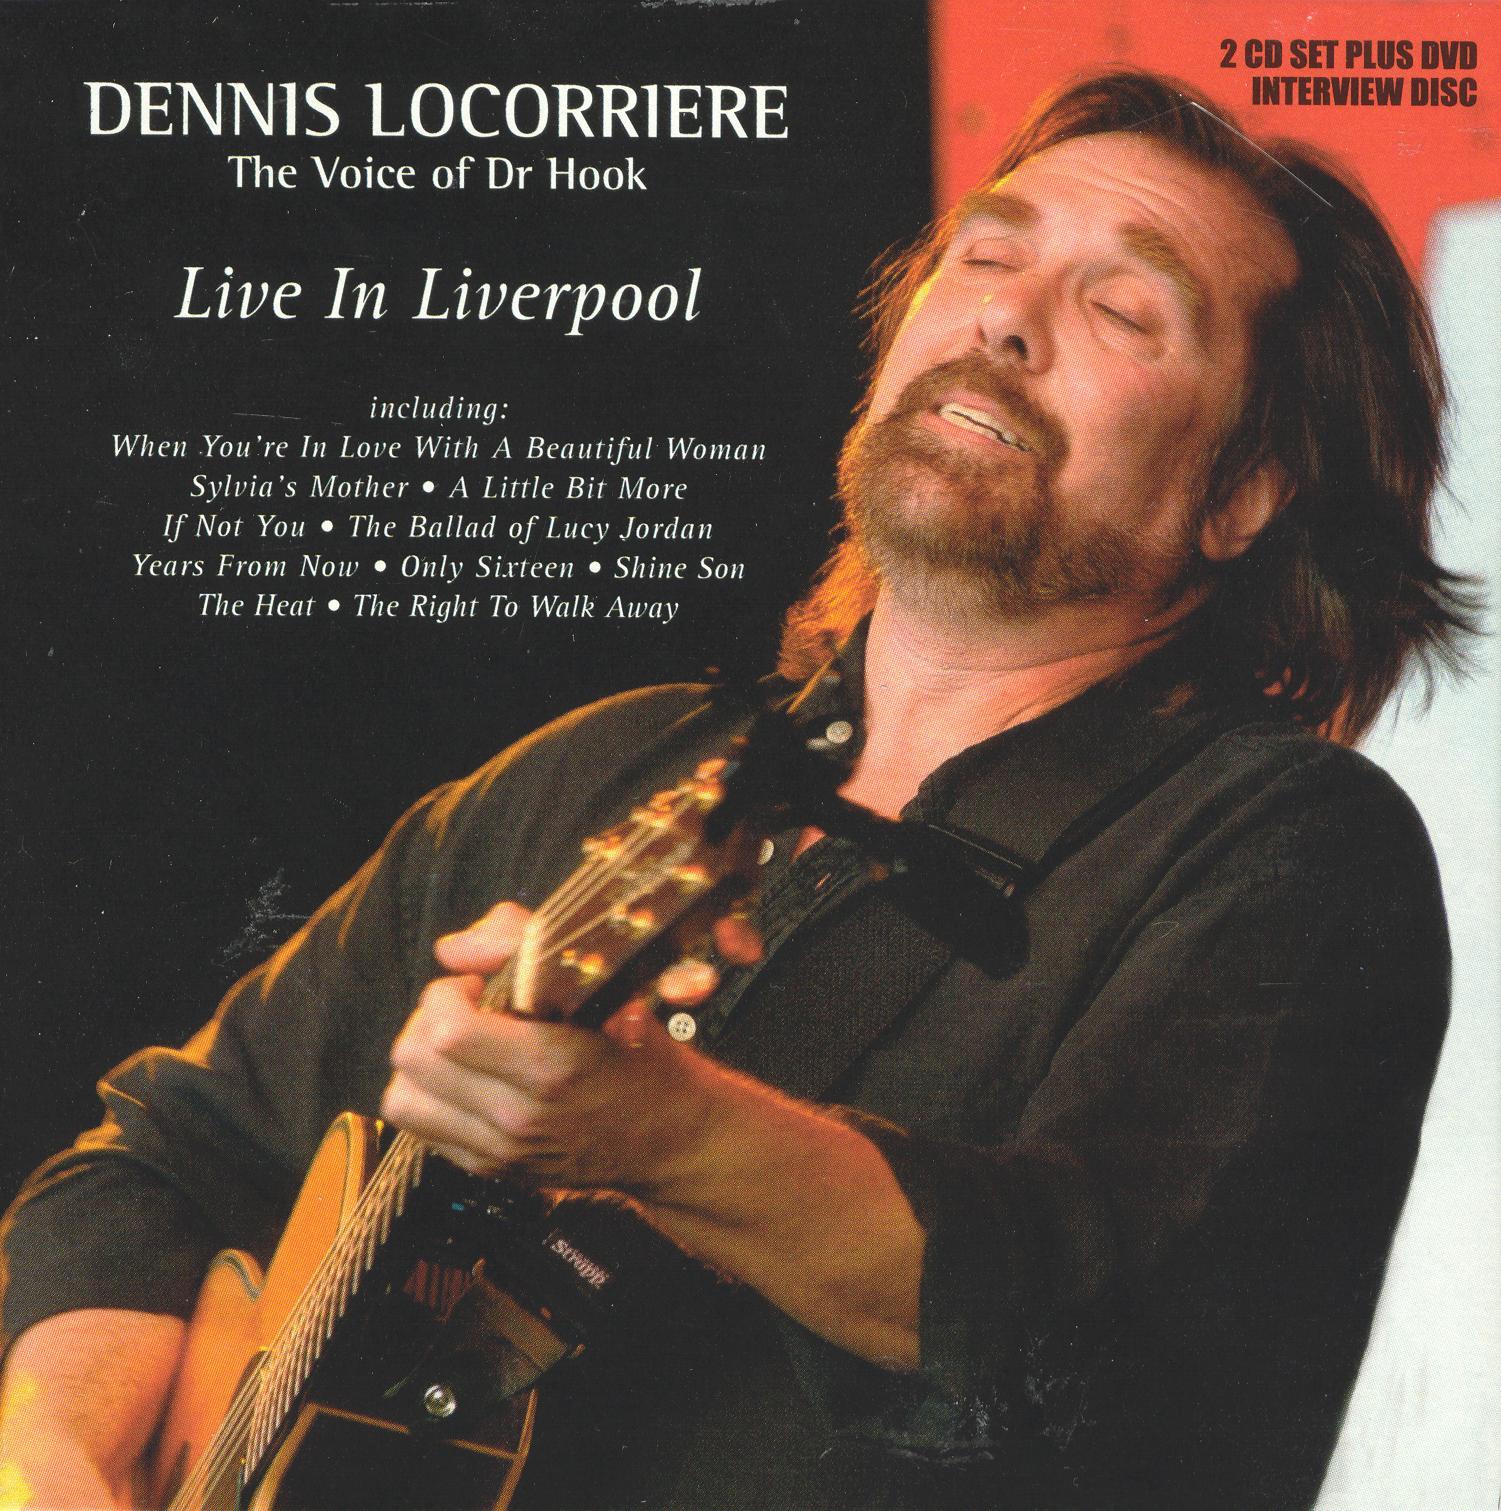 Dennis Locorriere: Interview Disc